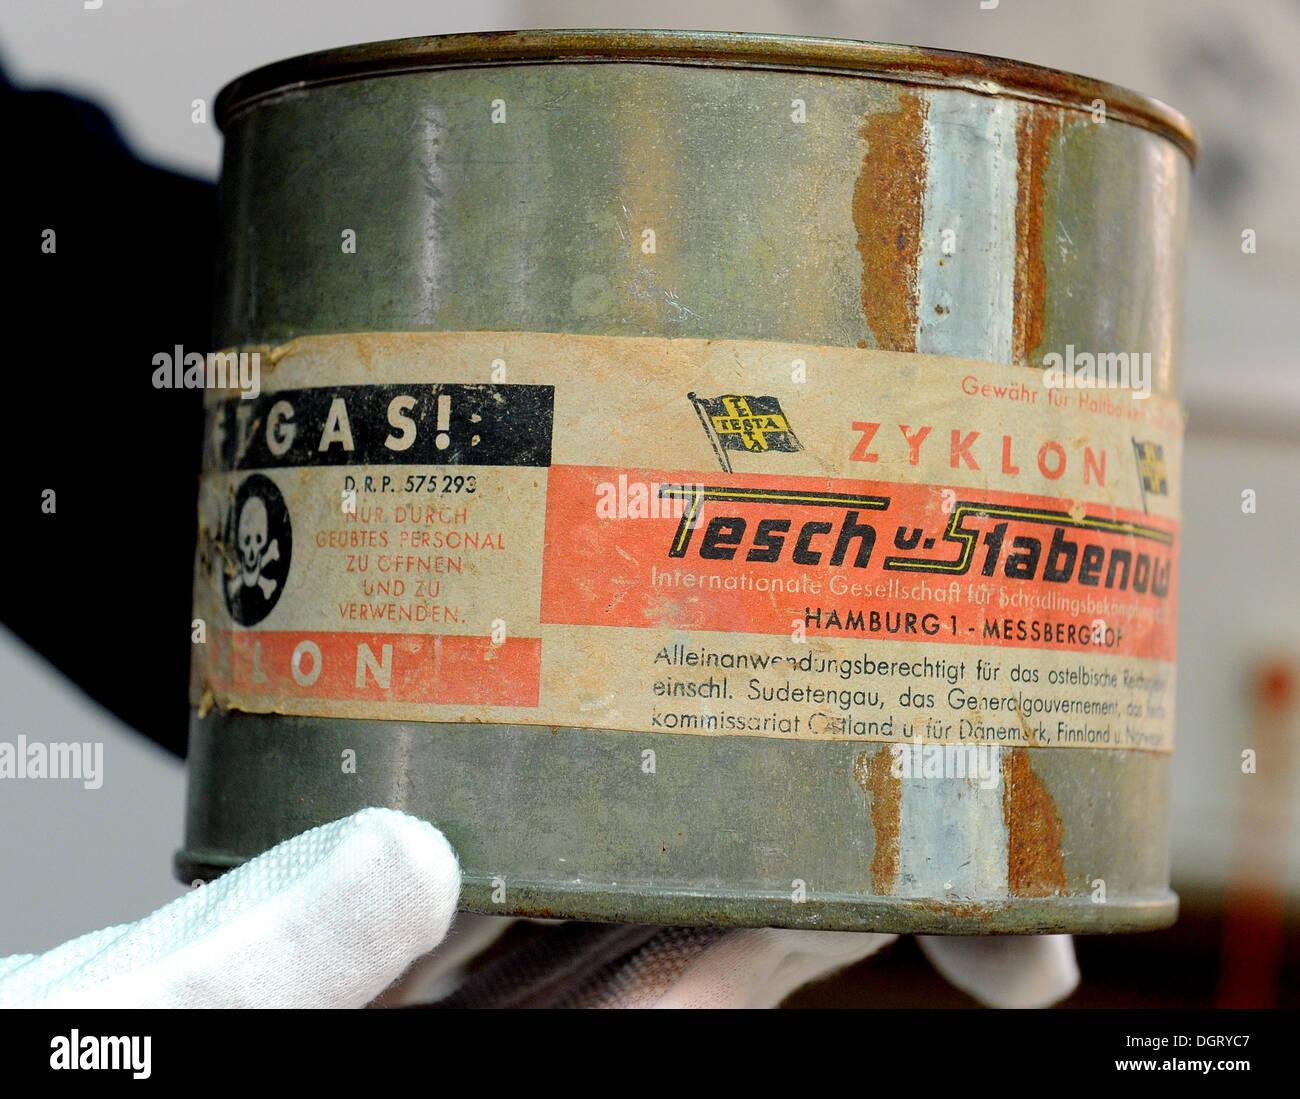 oranienburg deutschland 25 oktober 2013 ein archiv mitarbeiter h lt eine dose von giftgas. Black Bedroom Furniture Sets. Home Design Ideas